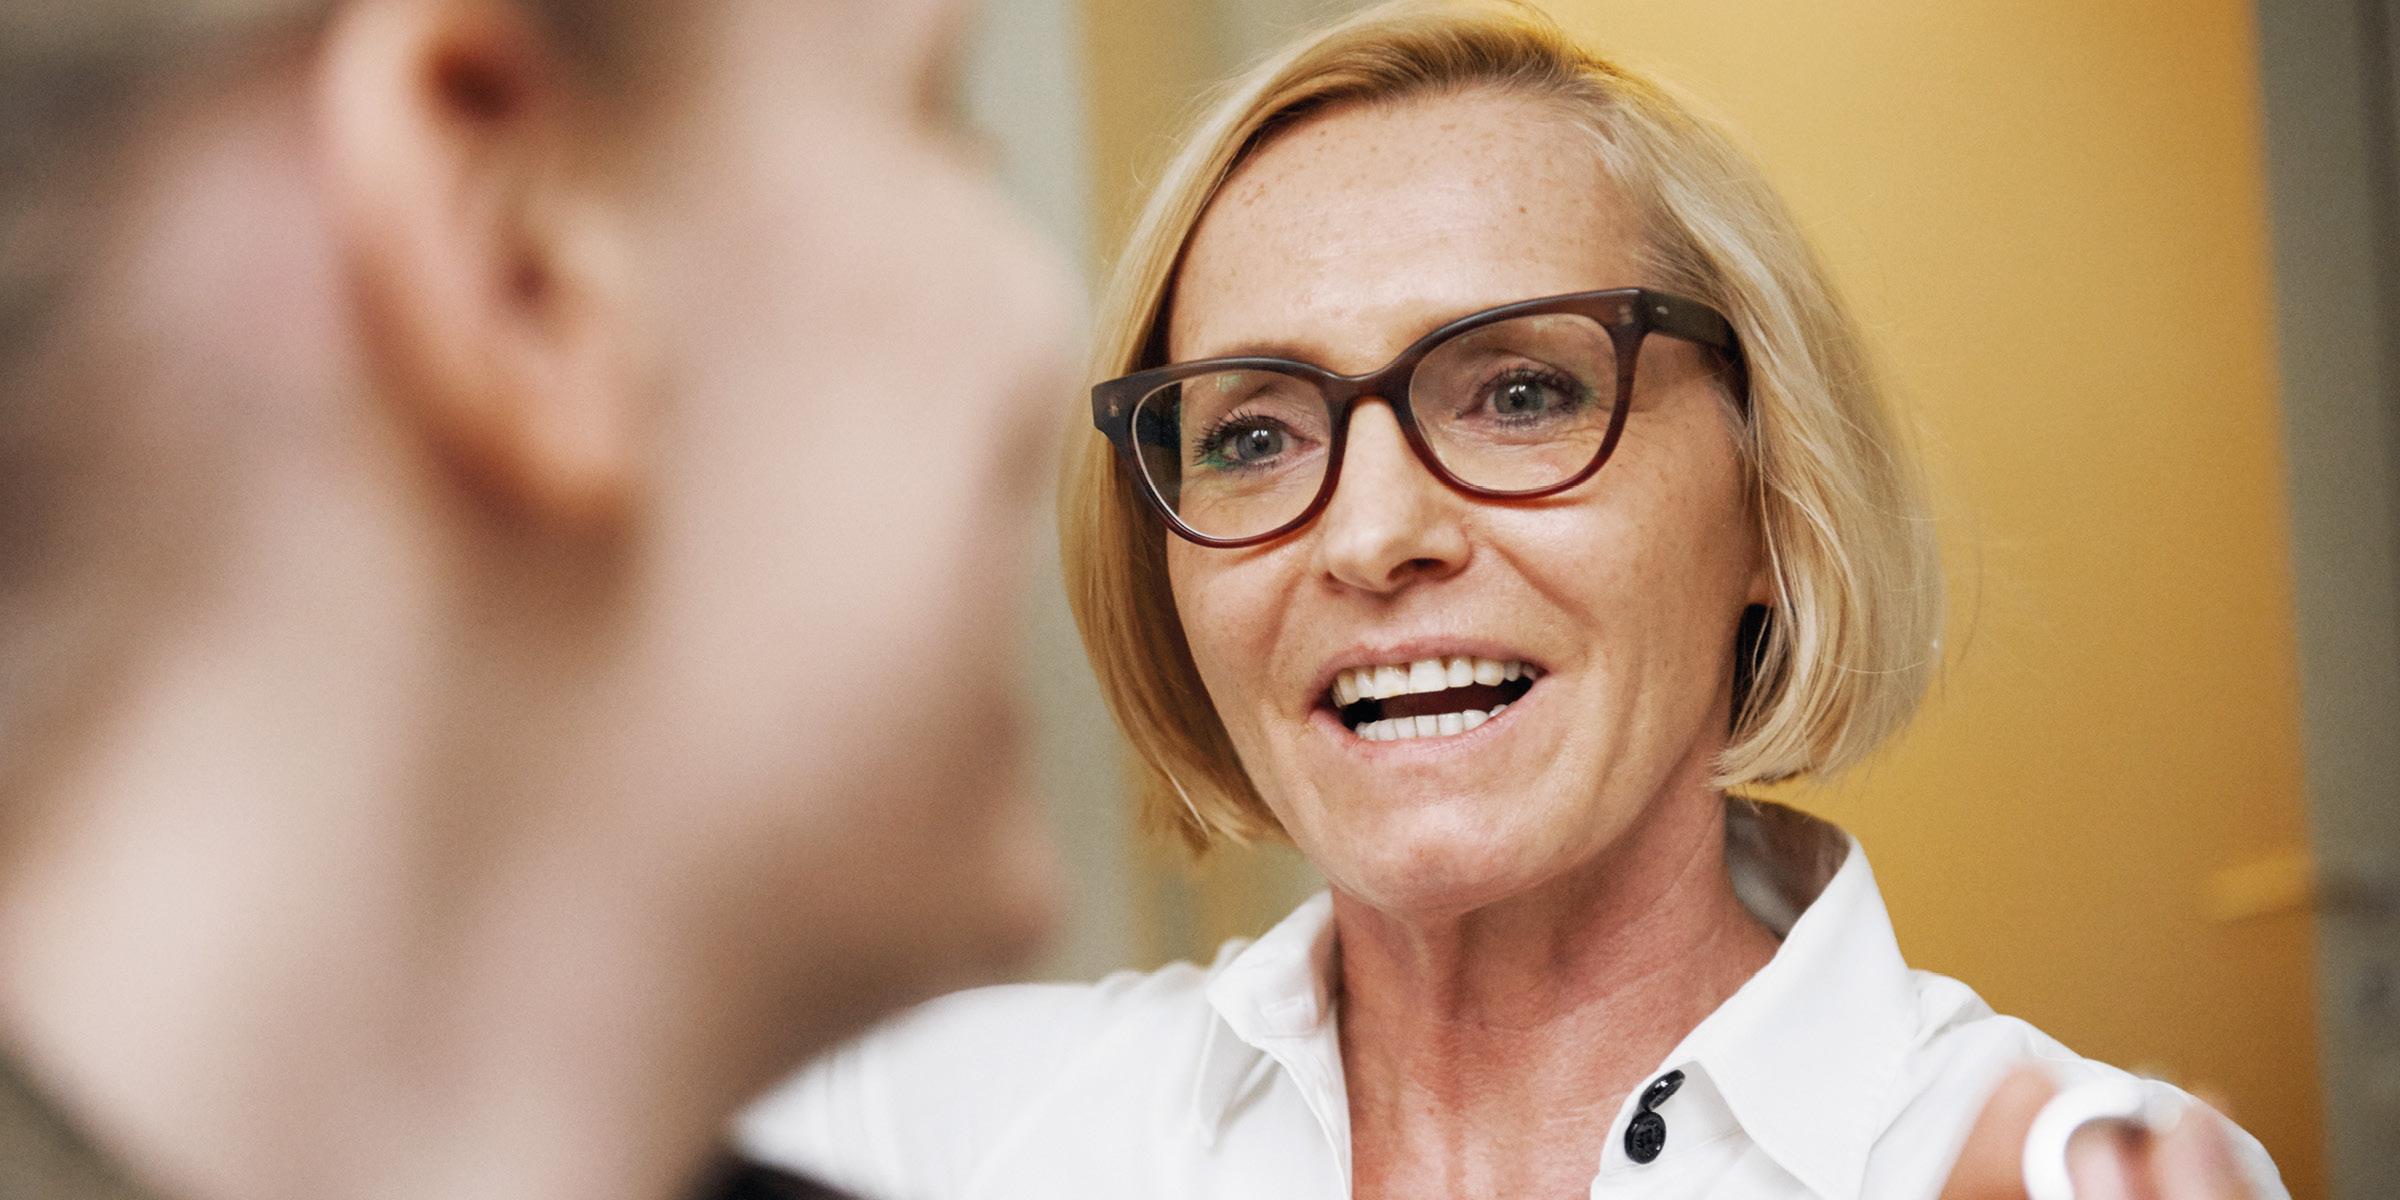 Frau Dr. Brigitte Krug - Fachärztin für Hals-Nasen-Ohrenheilkunde, Allergologie, Naturheilverfahren mit Weiterbildung als Neurootologin, Audiologin (BV-HNO)